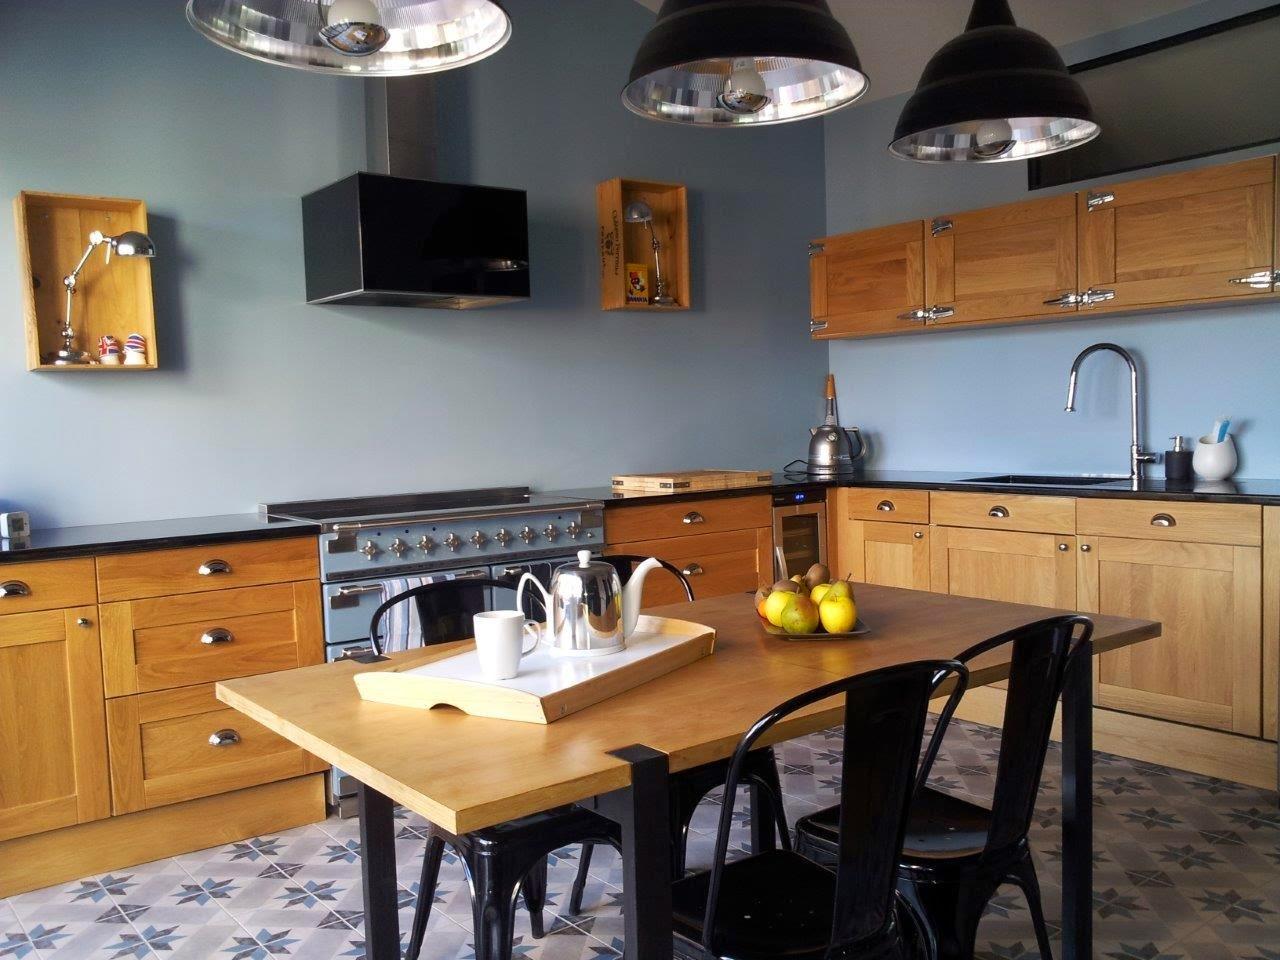 une cuisine industrielle et vintage madame d core. Black Bedroom Furniture Sets. Home Design Ideas